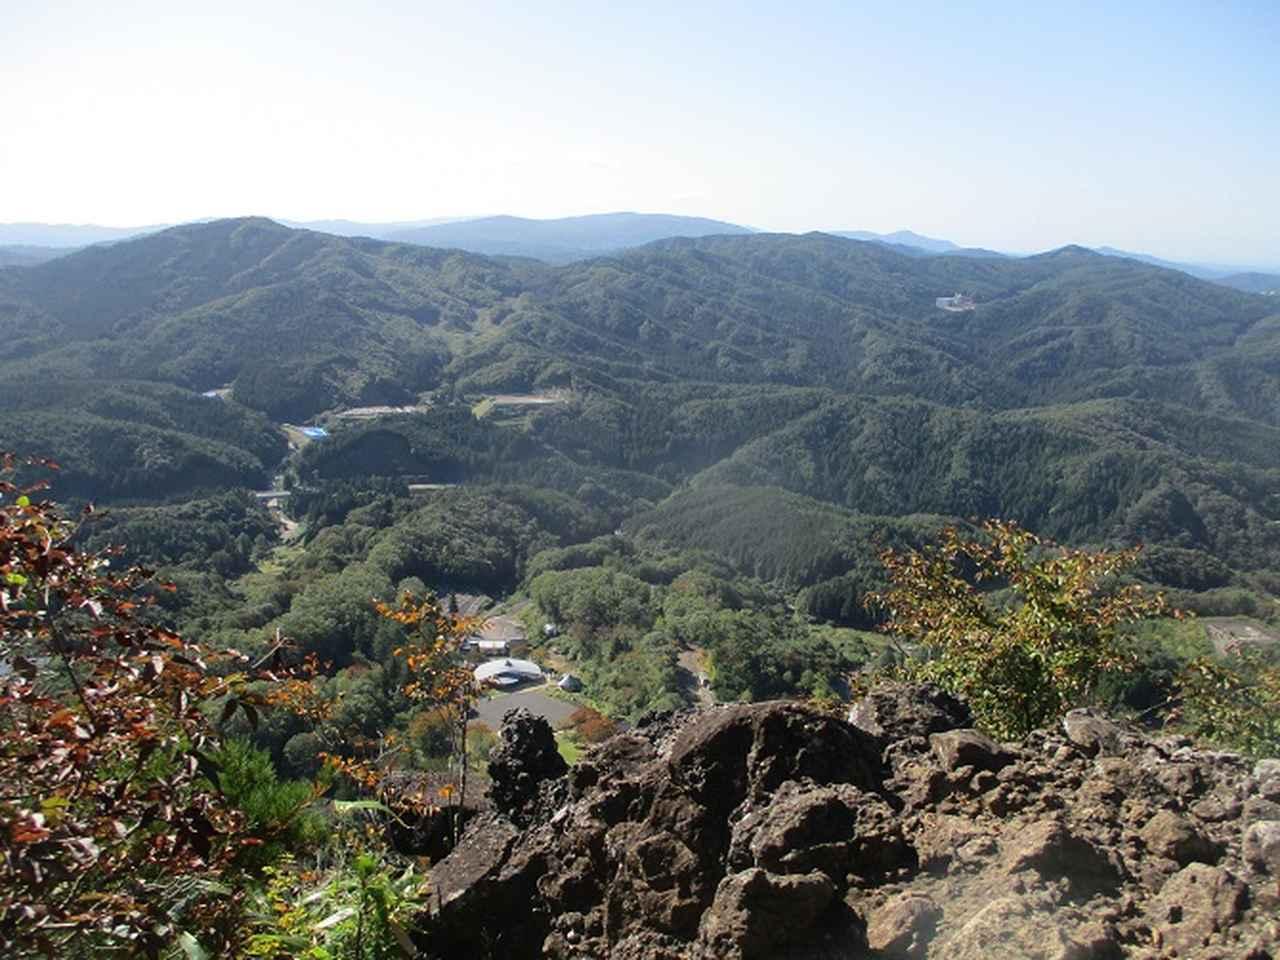 画像3: 11月の山旅会少人数ツアー 「霊山(りょうぜん)」 の下見にいってきました!